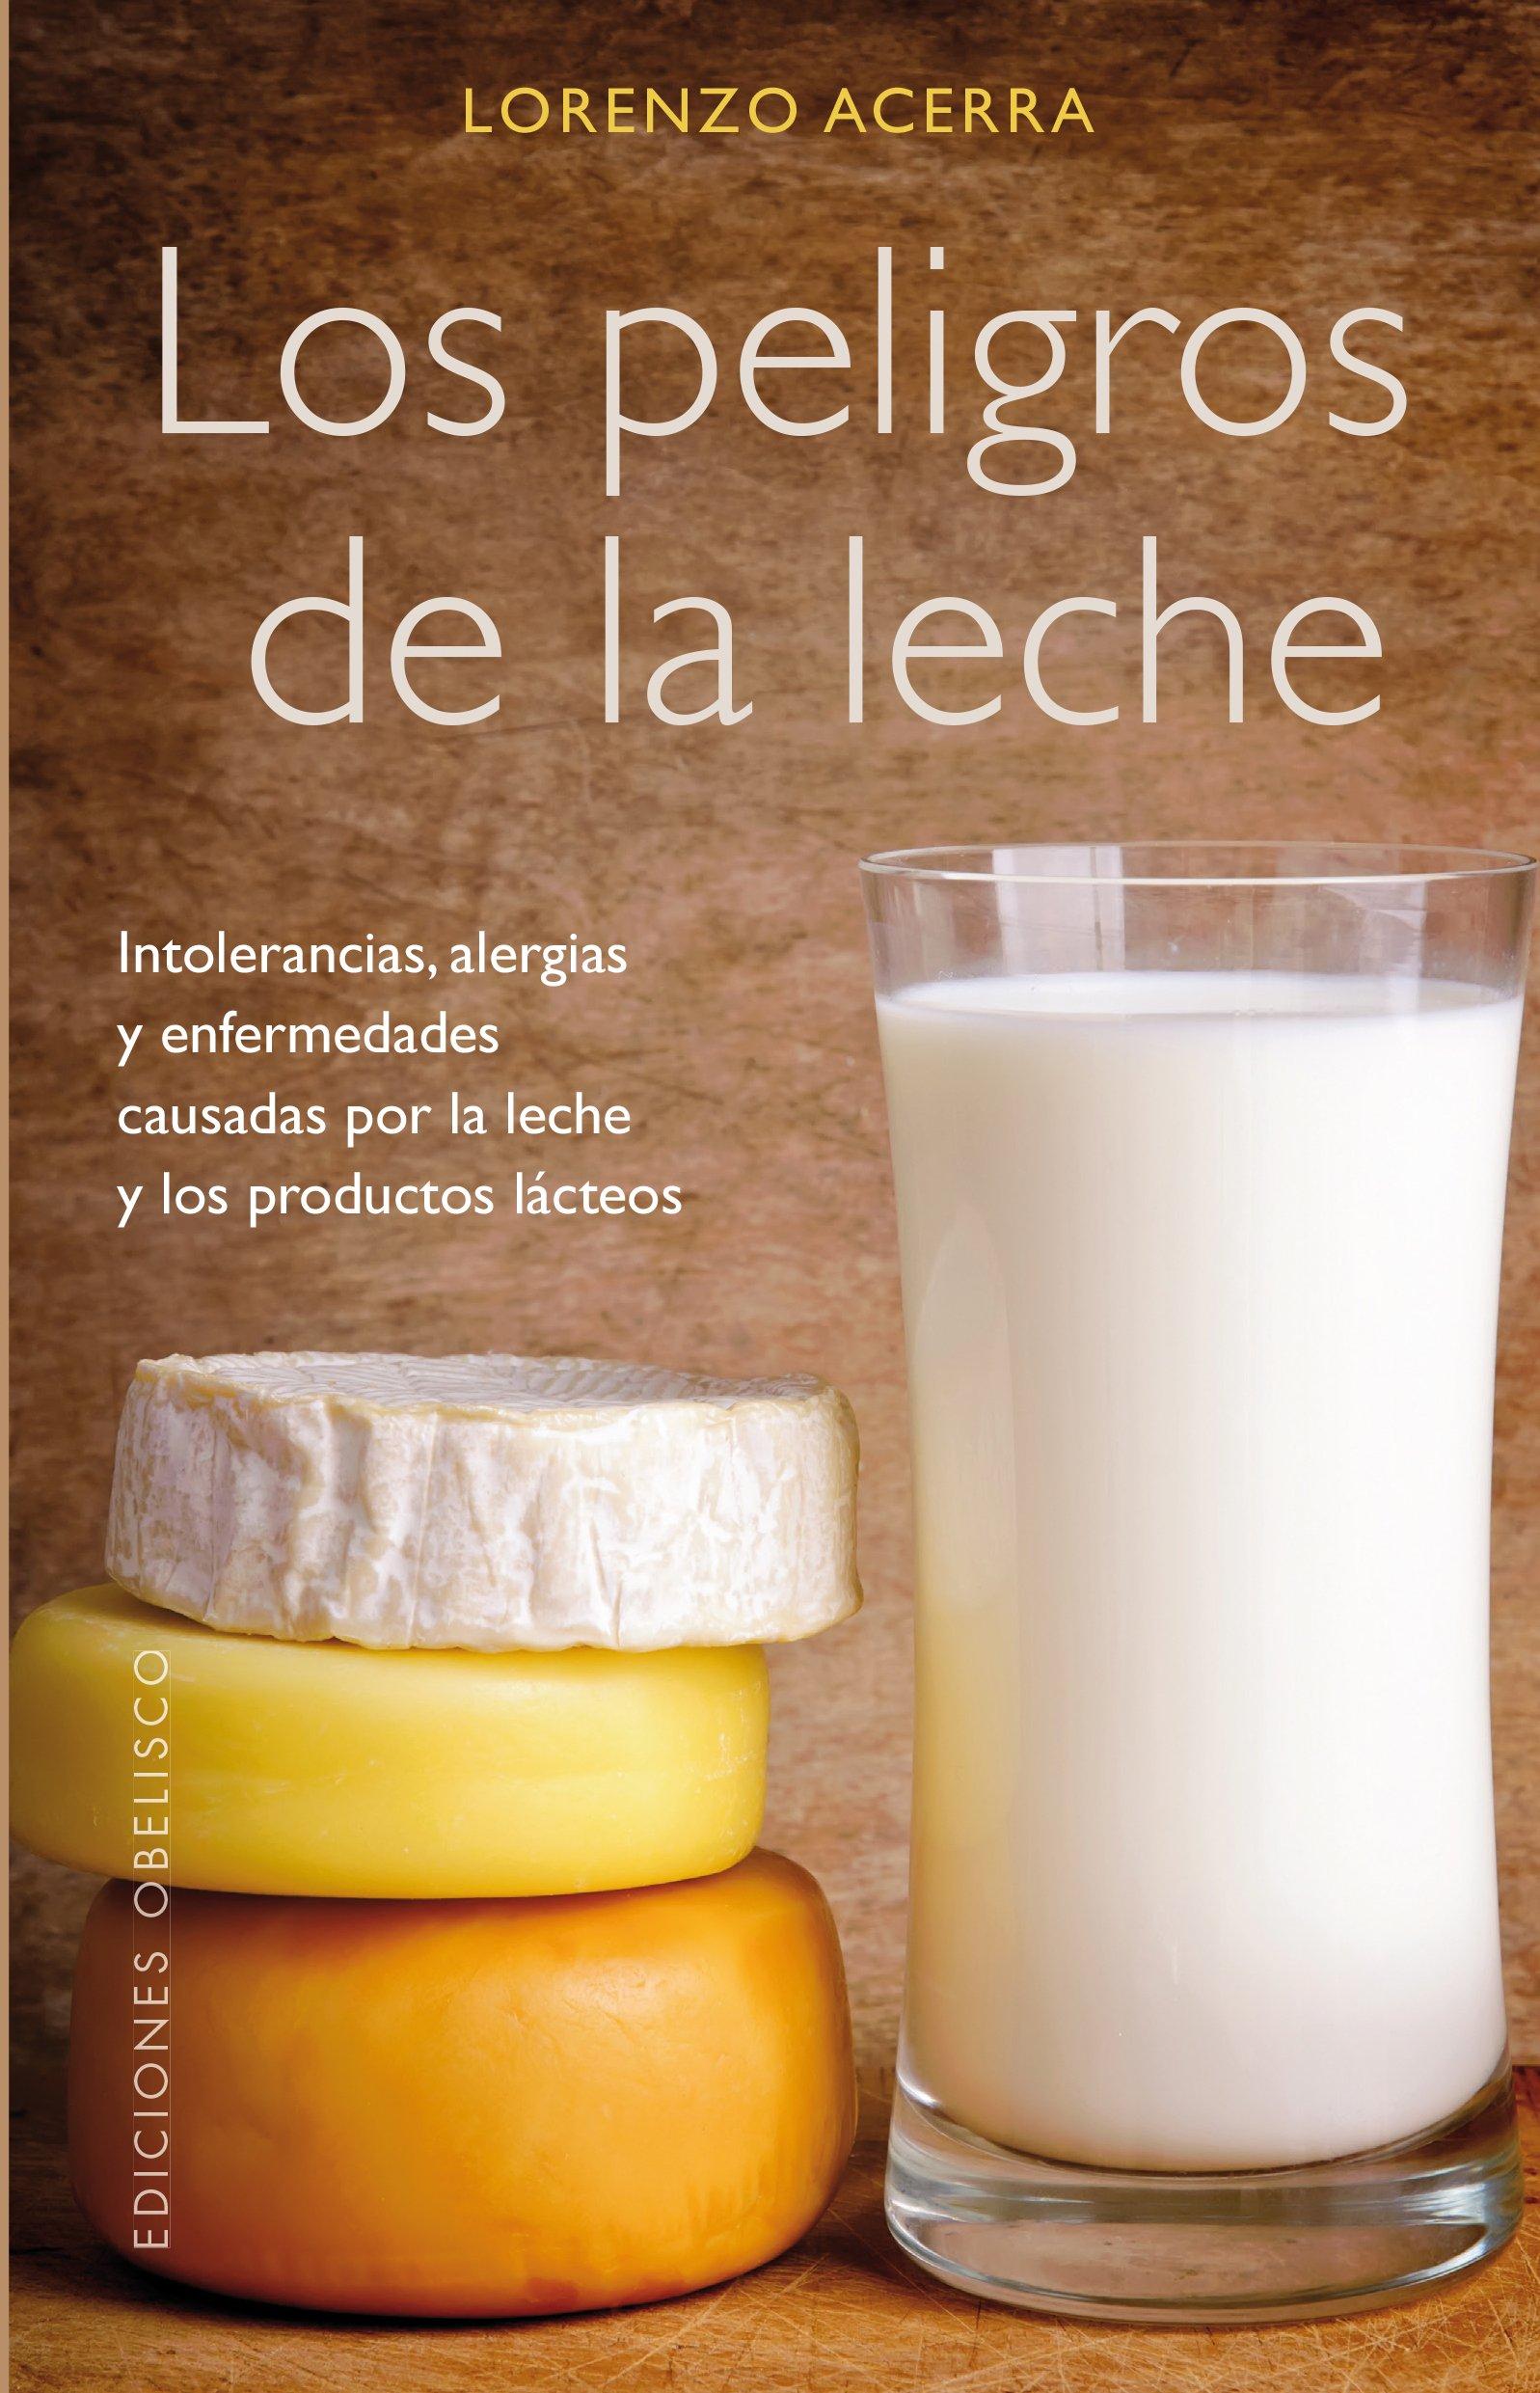 Los peligros de la leche (SALUD Y VIDA NATURAL): Amazon.es: LORENZO ACERRA, Manuel Manzano Gómez: Libros